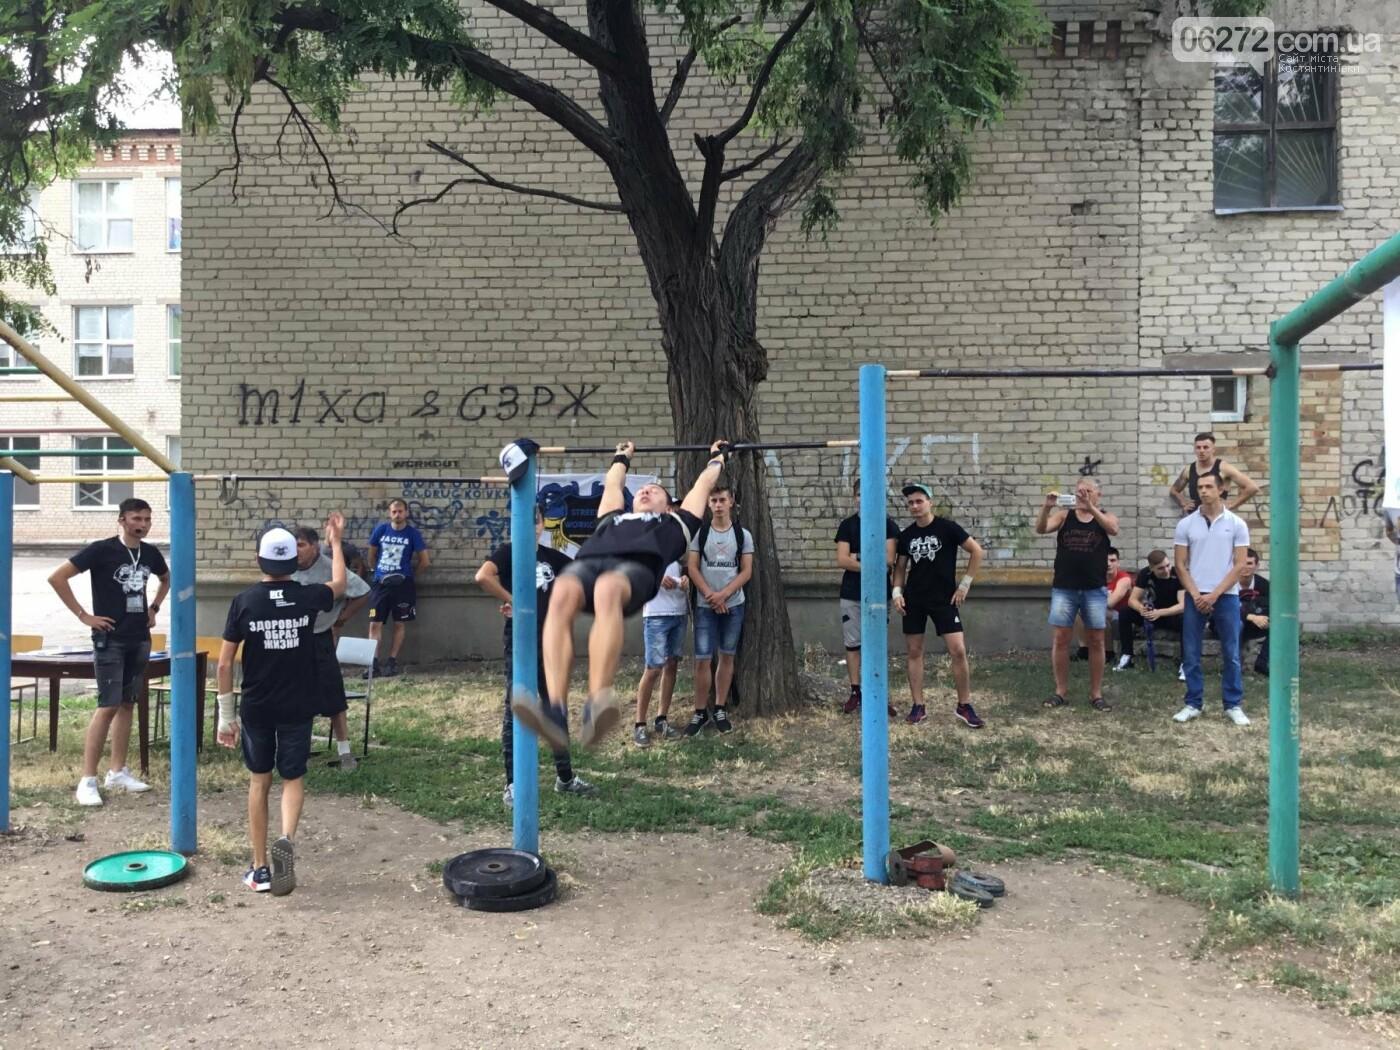 Фото с соревнований по Workout в Константиновке, фото-20